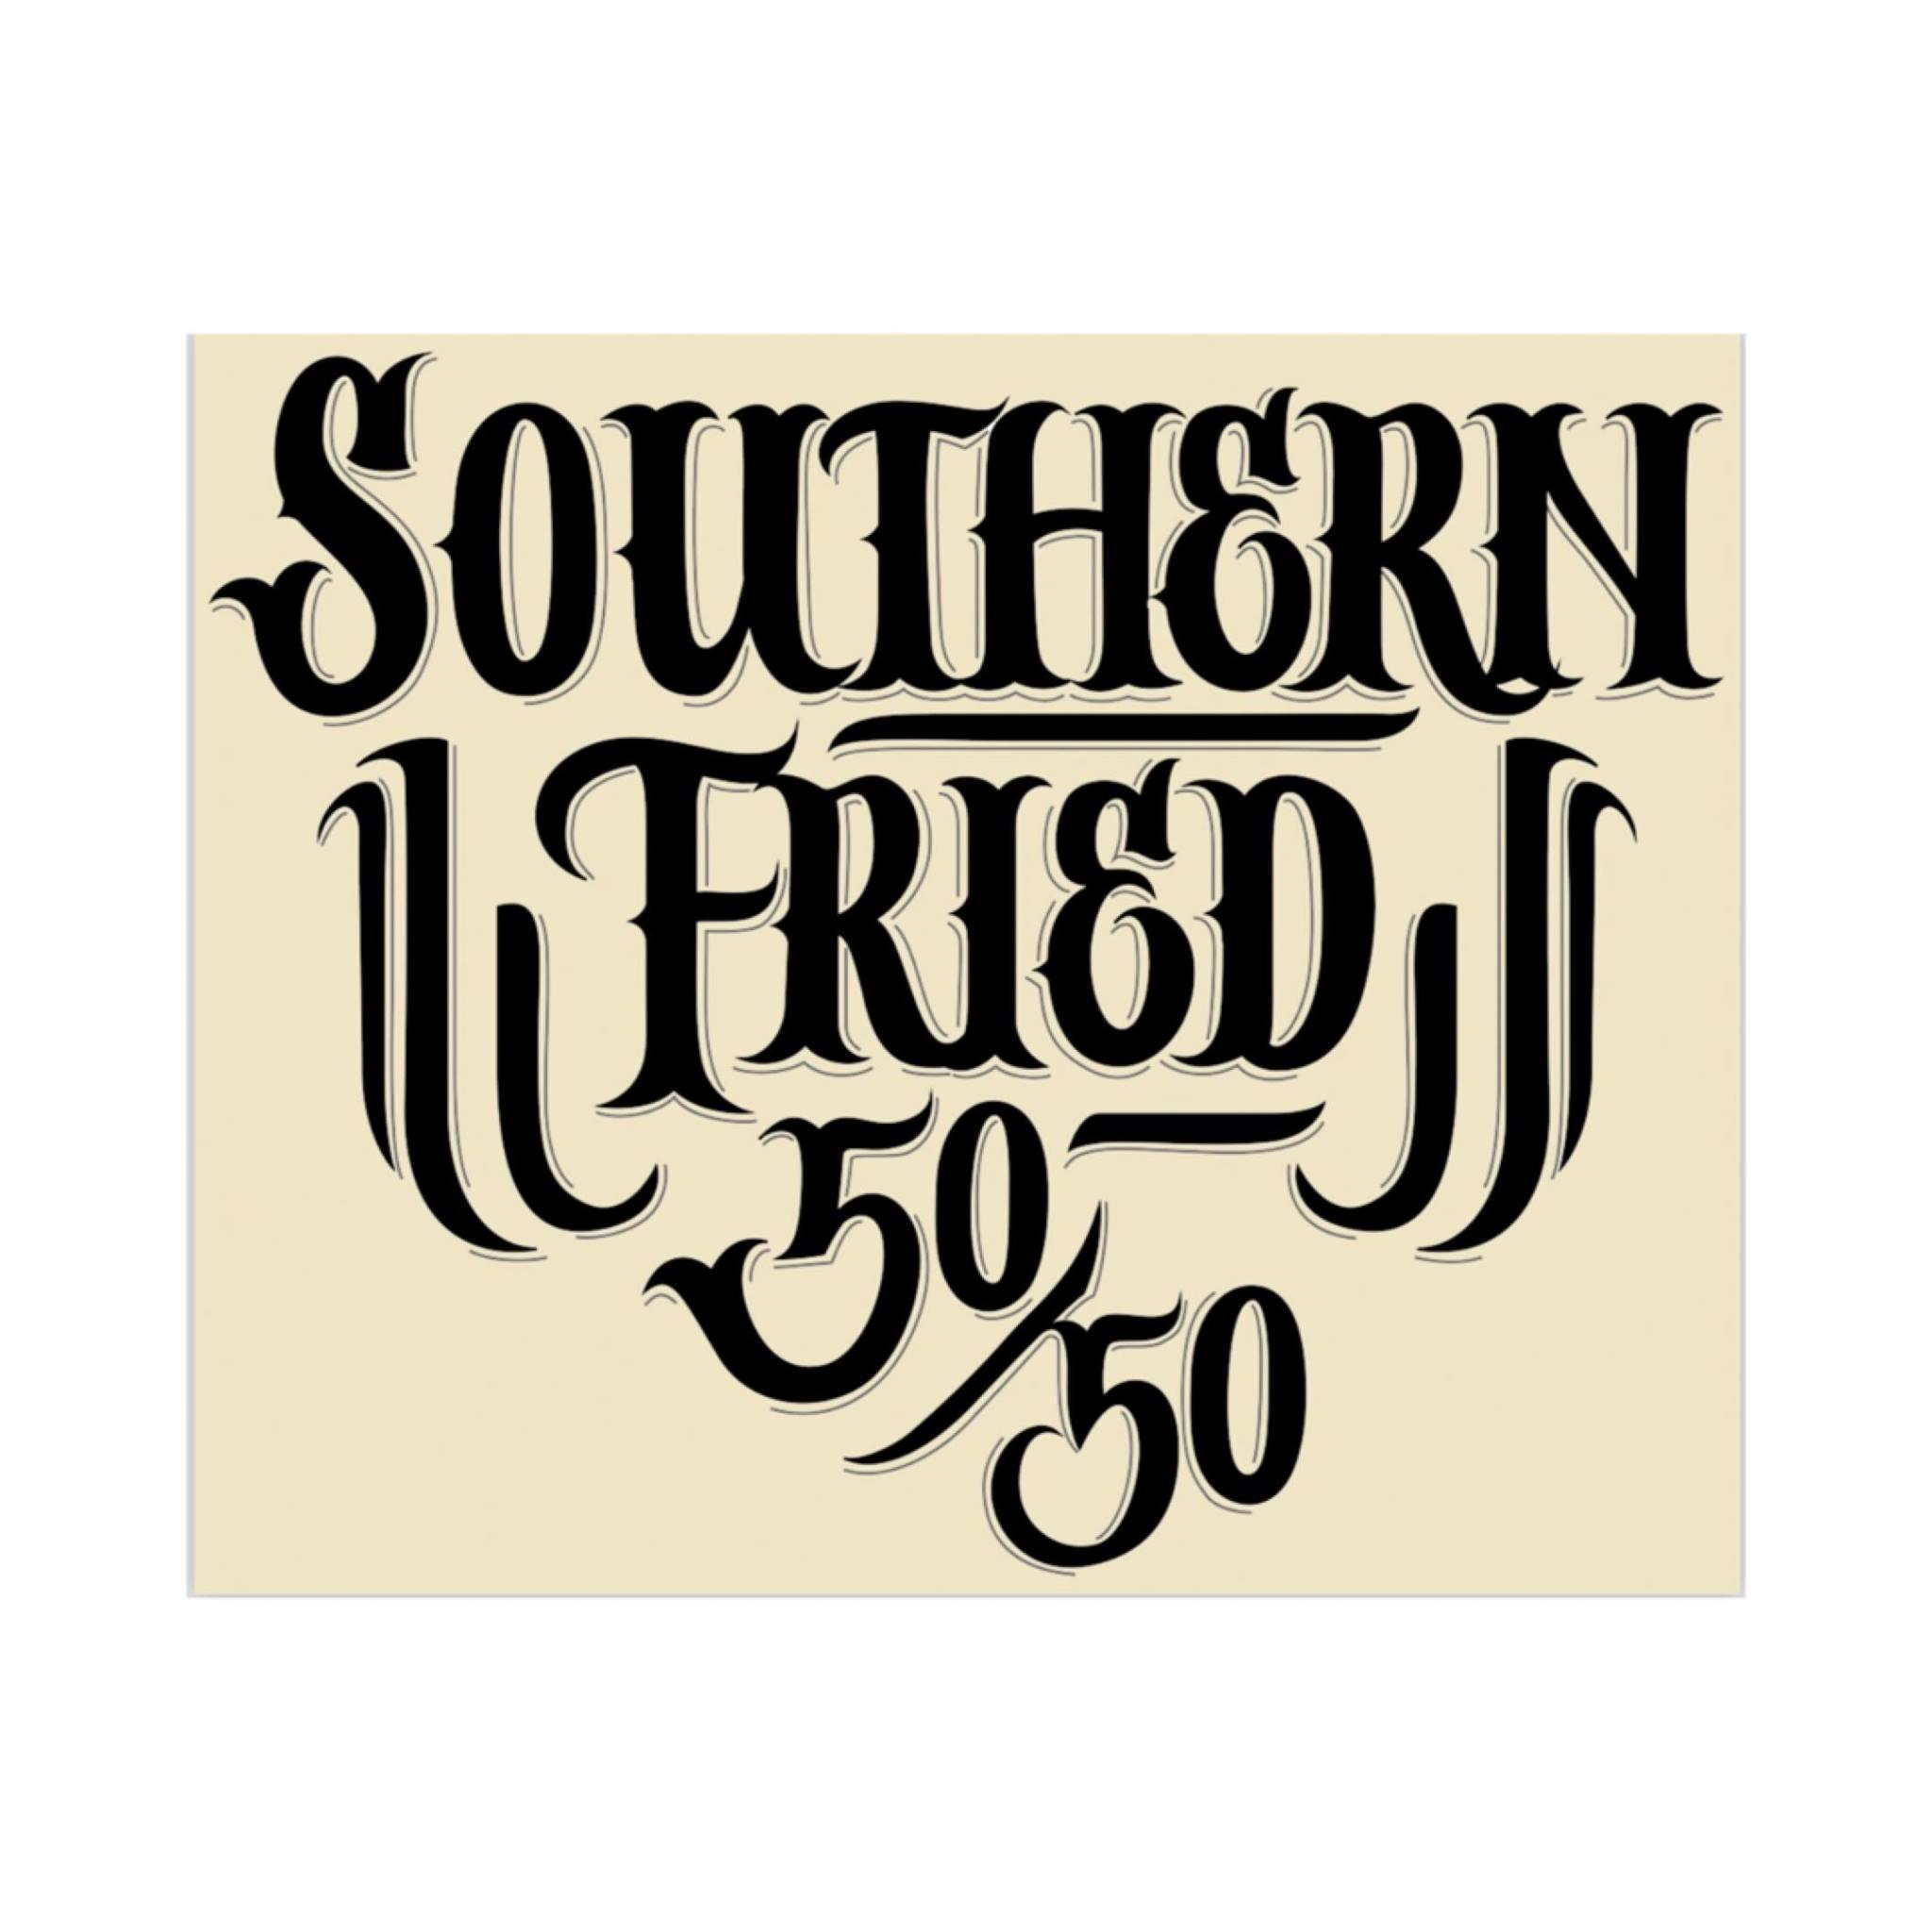 Southern Fried 50M & 50K logo on RaceRaves